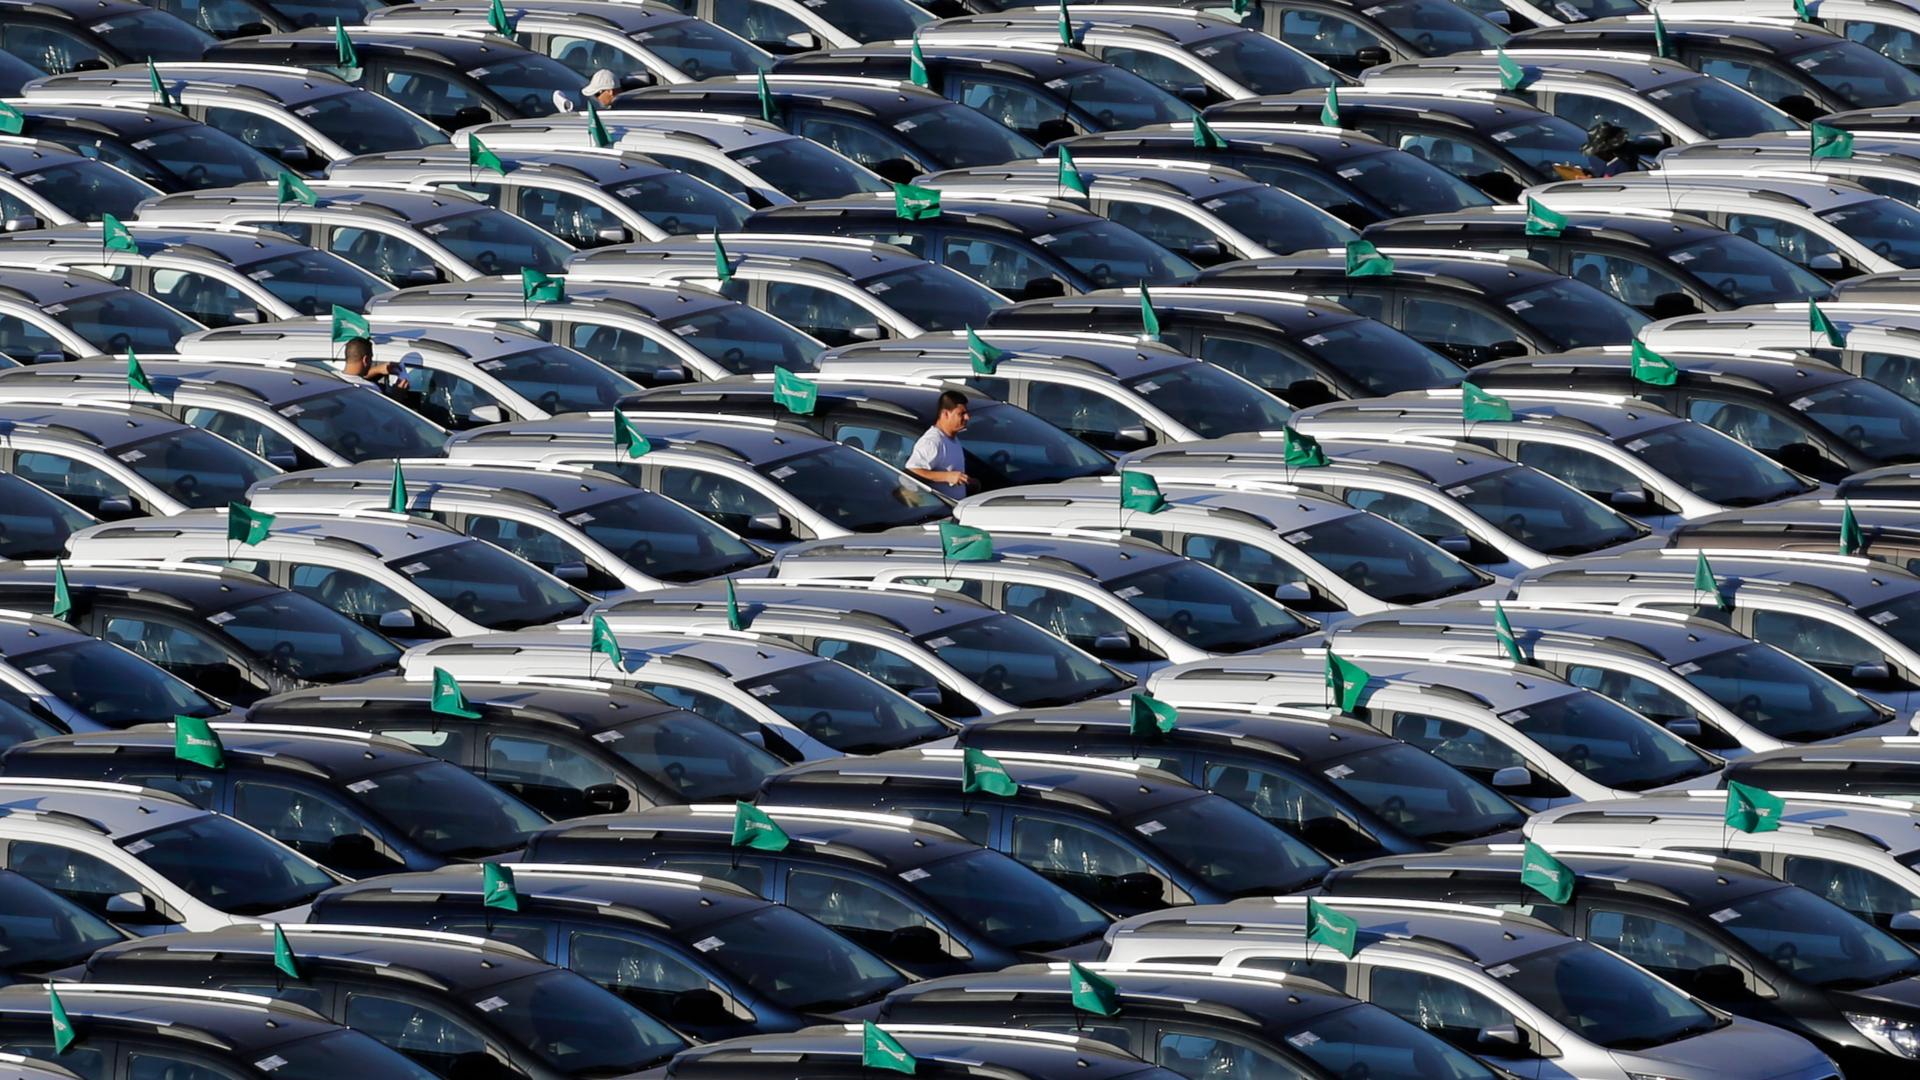 carros brasileiros estacionados fabrica sao bernado campo ford